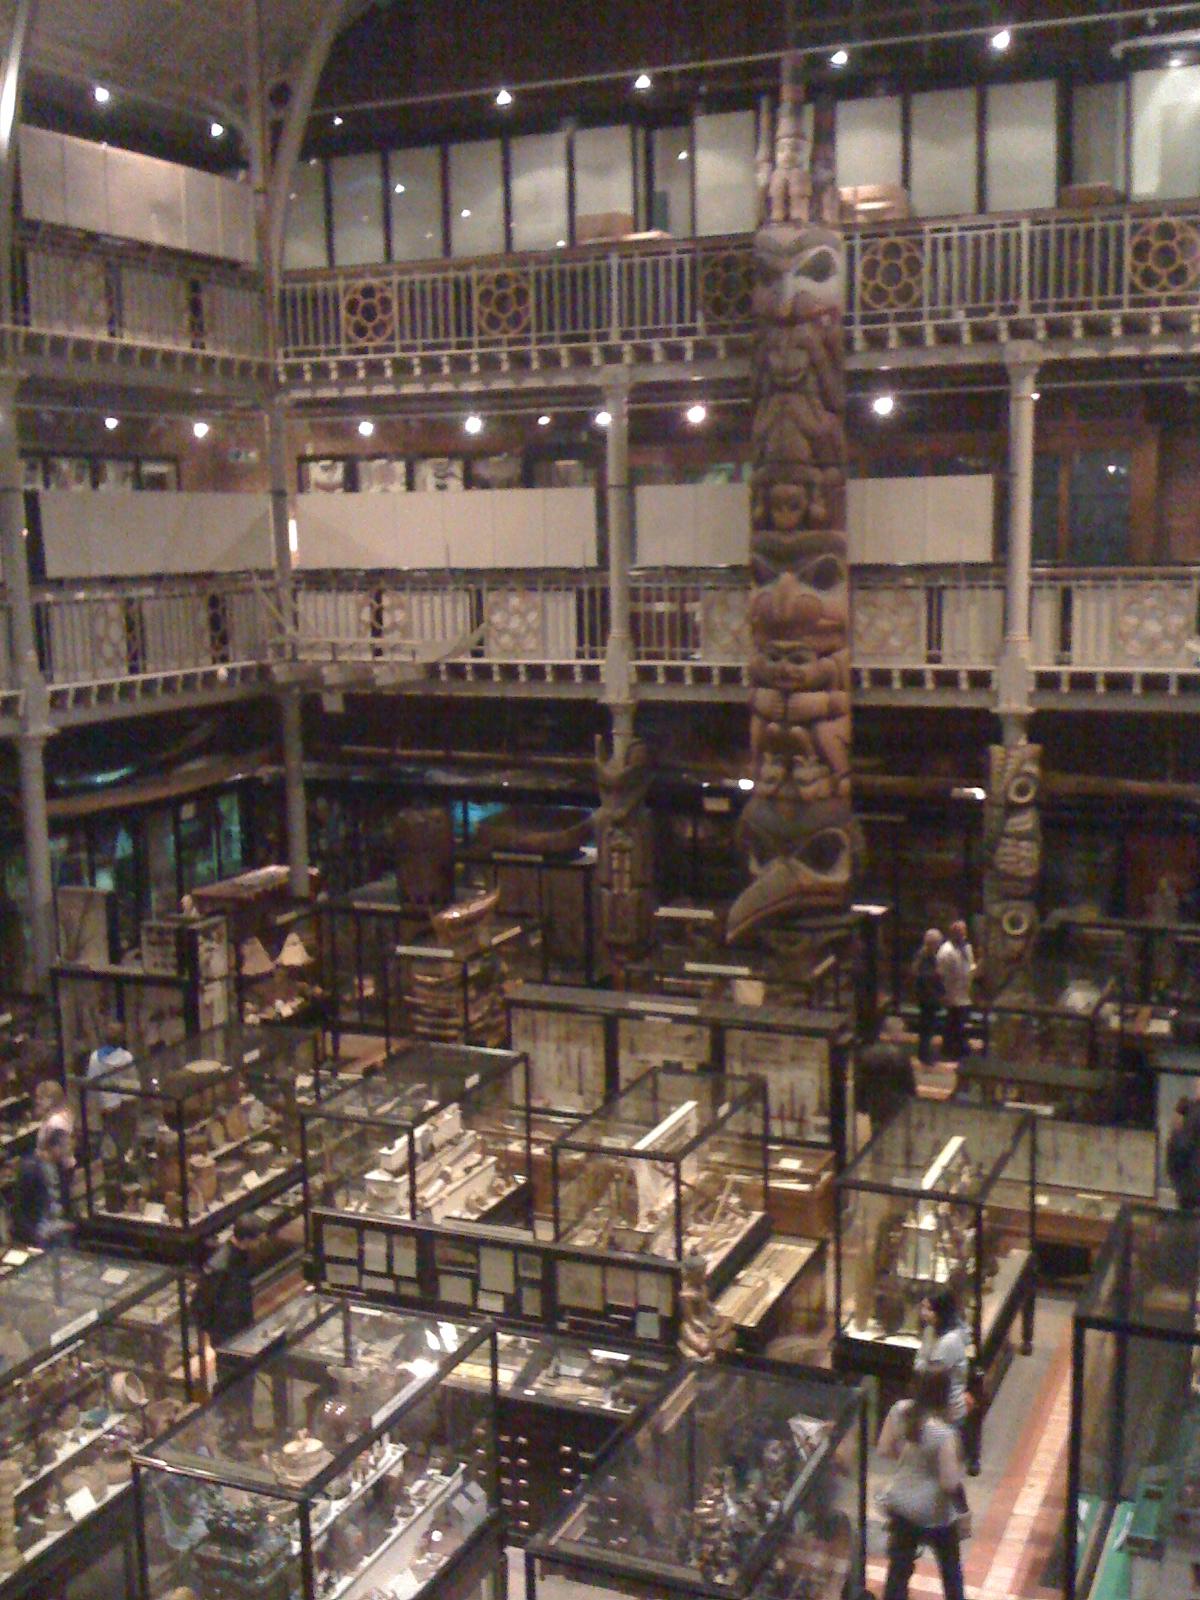 Inside Pitt Rivers Museum